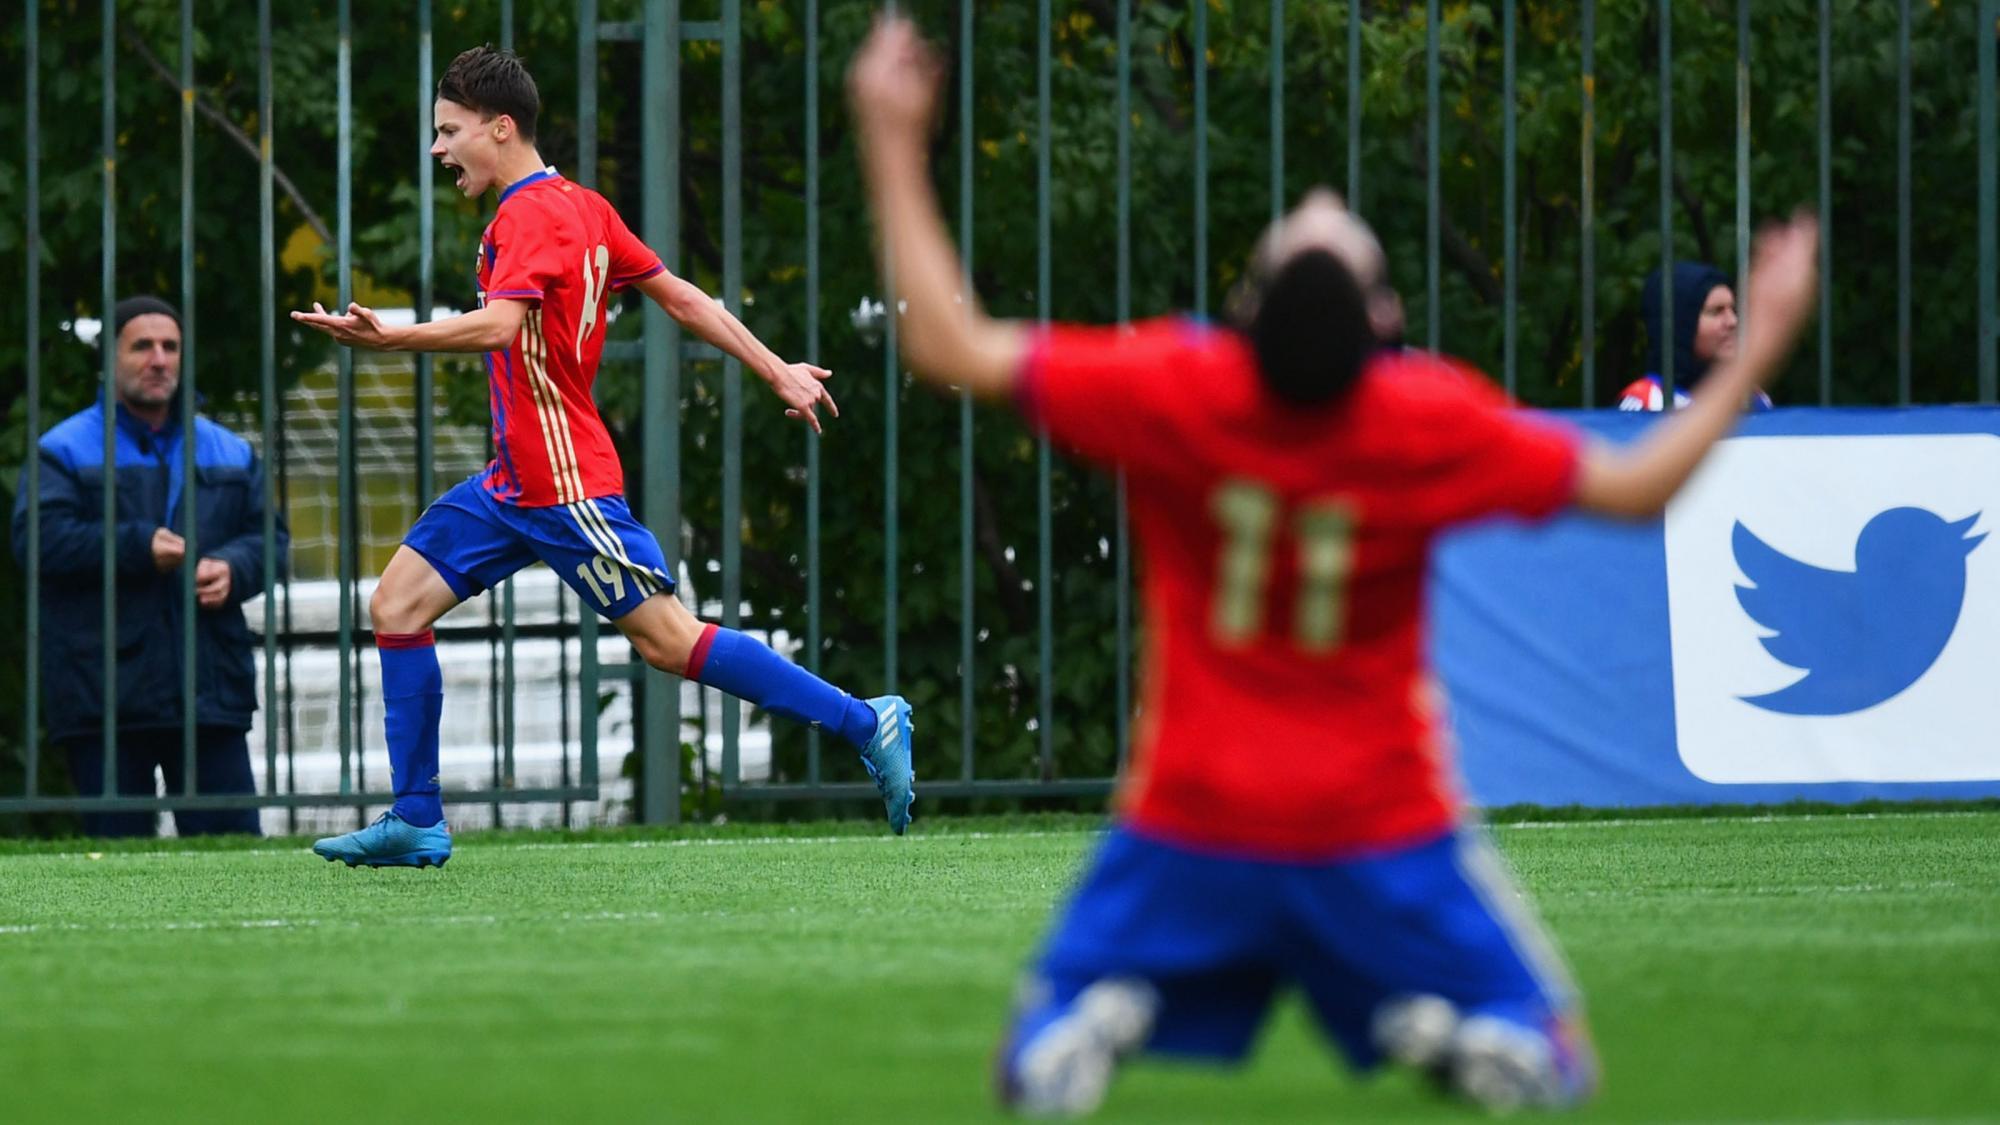 Русский клуб впервый раз вышел вчетвертьфинал юношеского аналога Лиги чемпионов